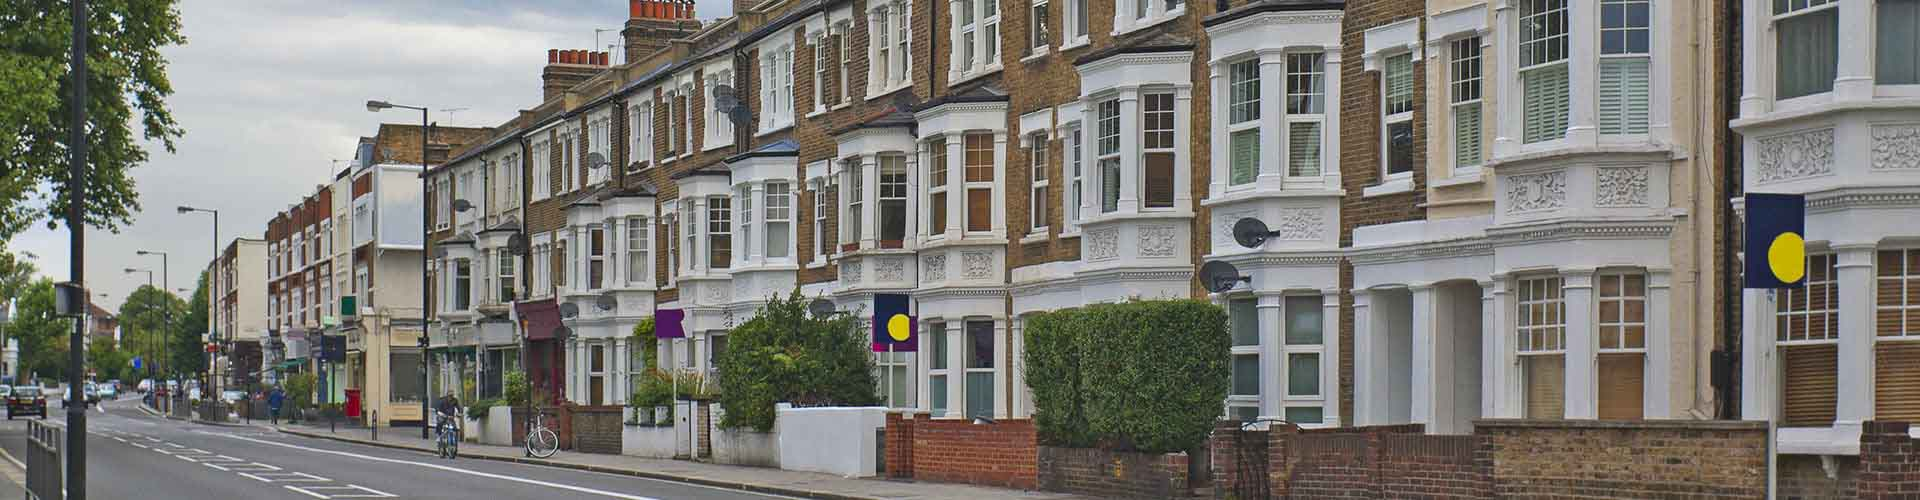 Londres - Albergues Juveniles en el distrito Fulham . Mapas de Londres, Fotos y Comentarios para cada Albergue Juvenil en Londres.